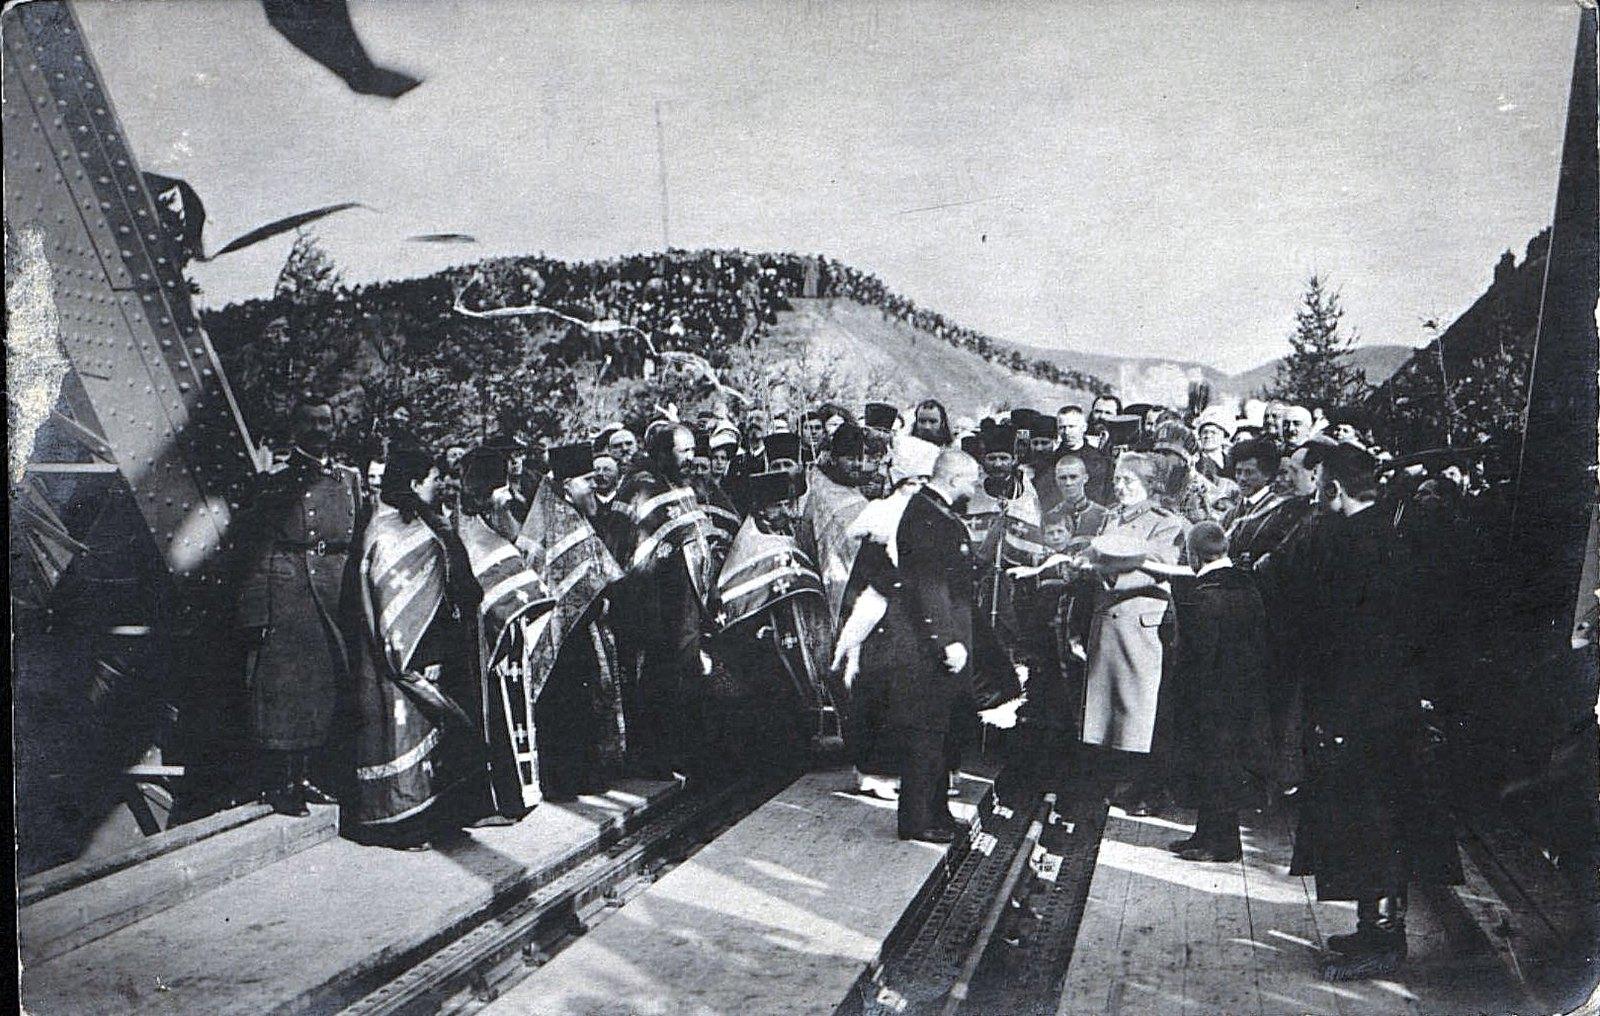 09. 1916. Открытие железнодорожного моста через реку Амур. Октябрь